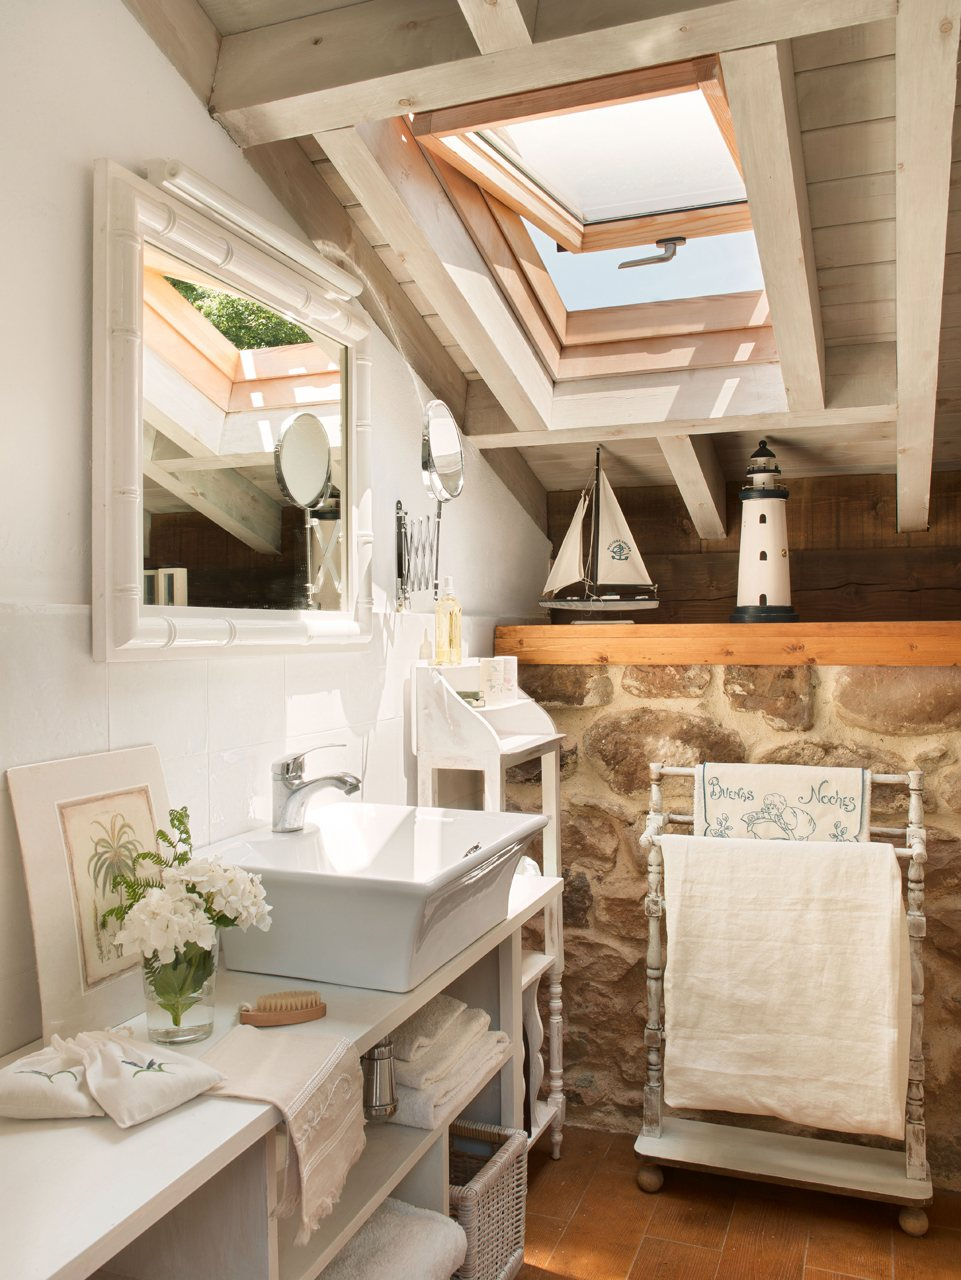 Muebles Para Baño Recubre:Antes una cuadra, hoy una vivienda familiar en Cantabria